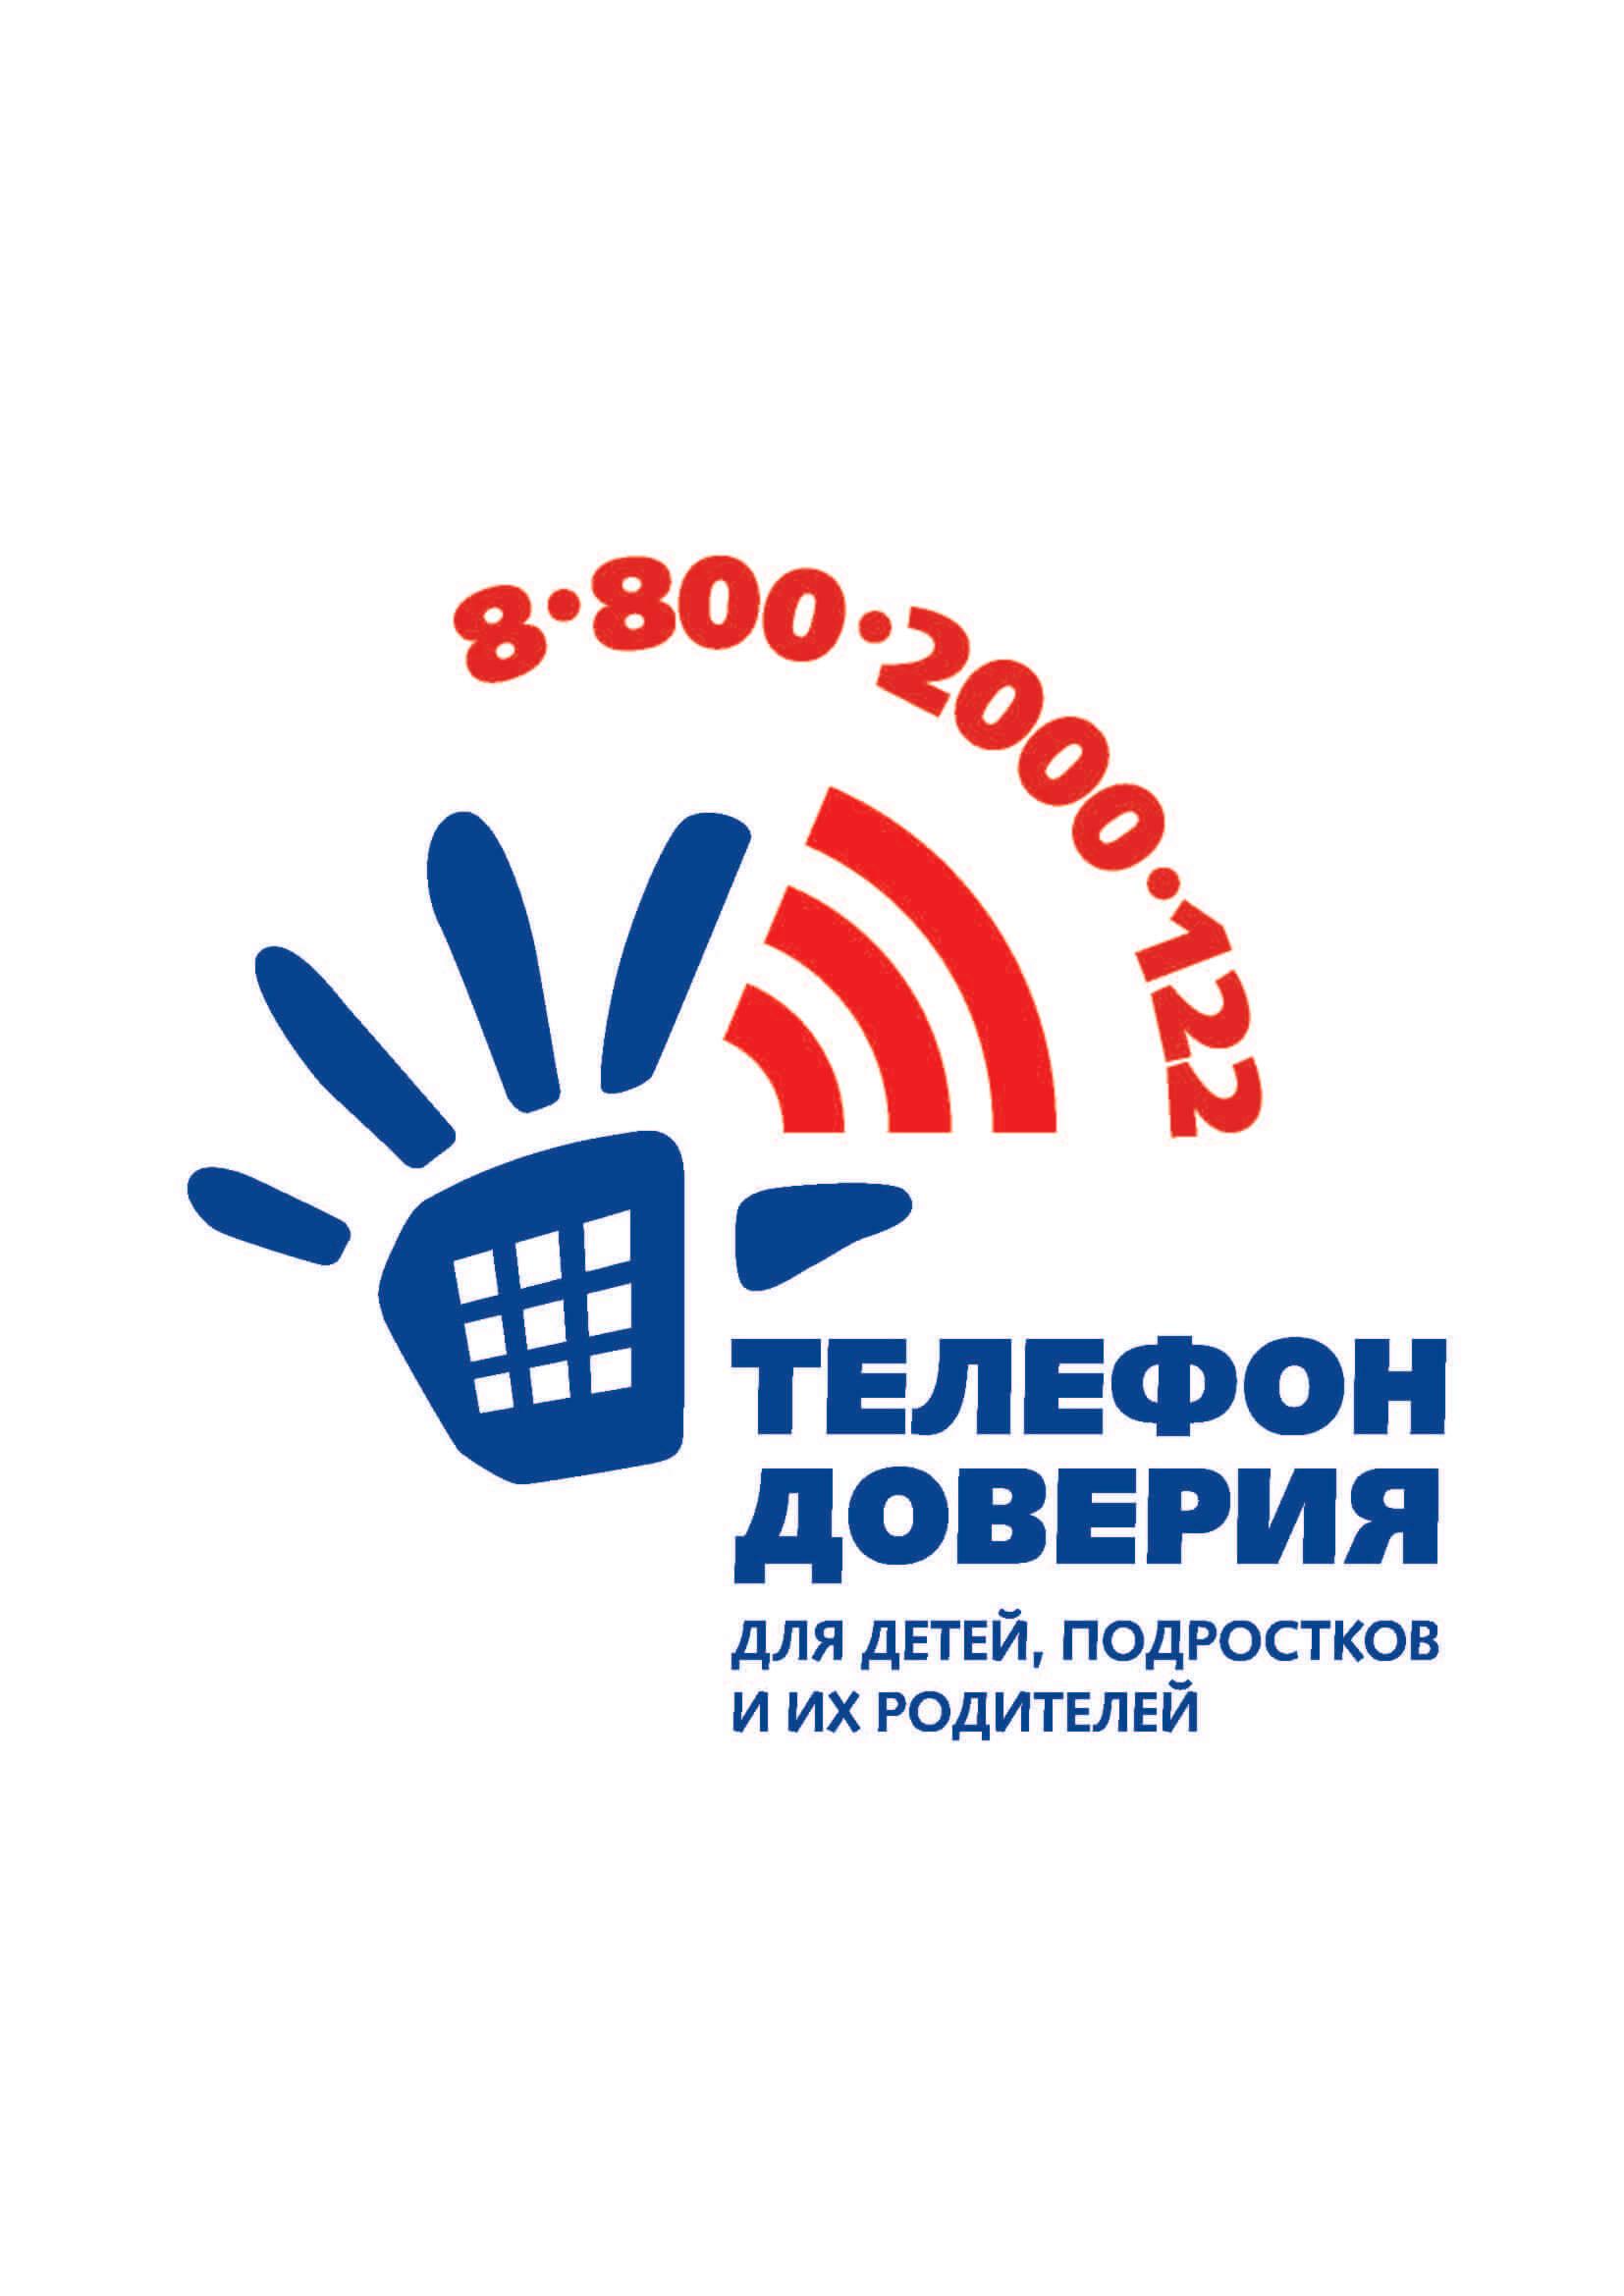 Акция на детском телефоне доверия «Не дай себя в обиду!»